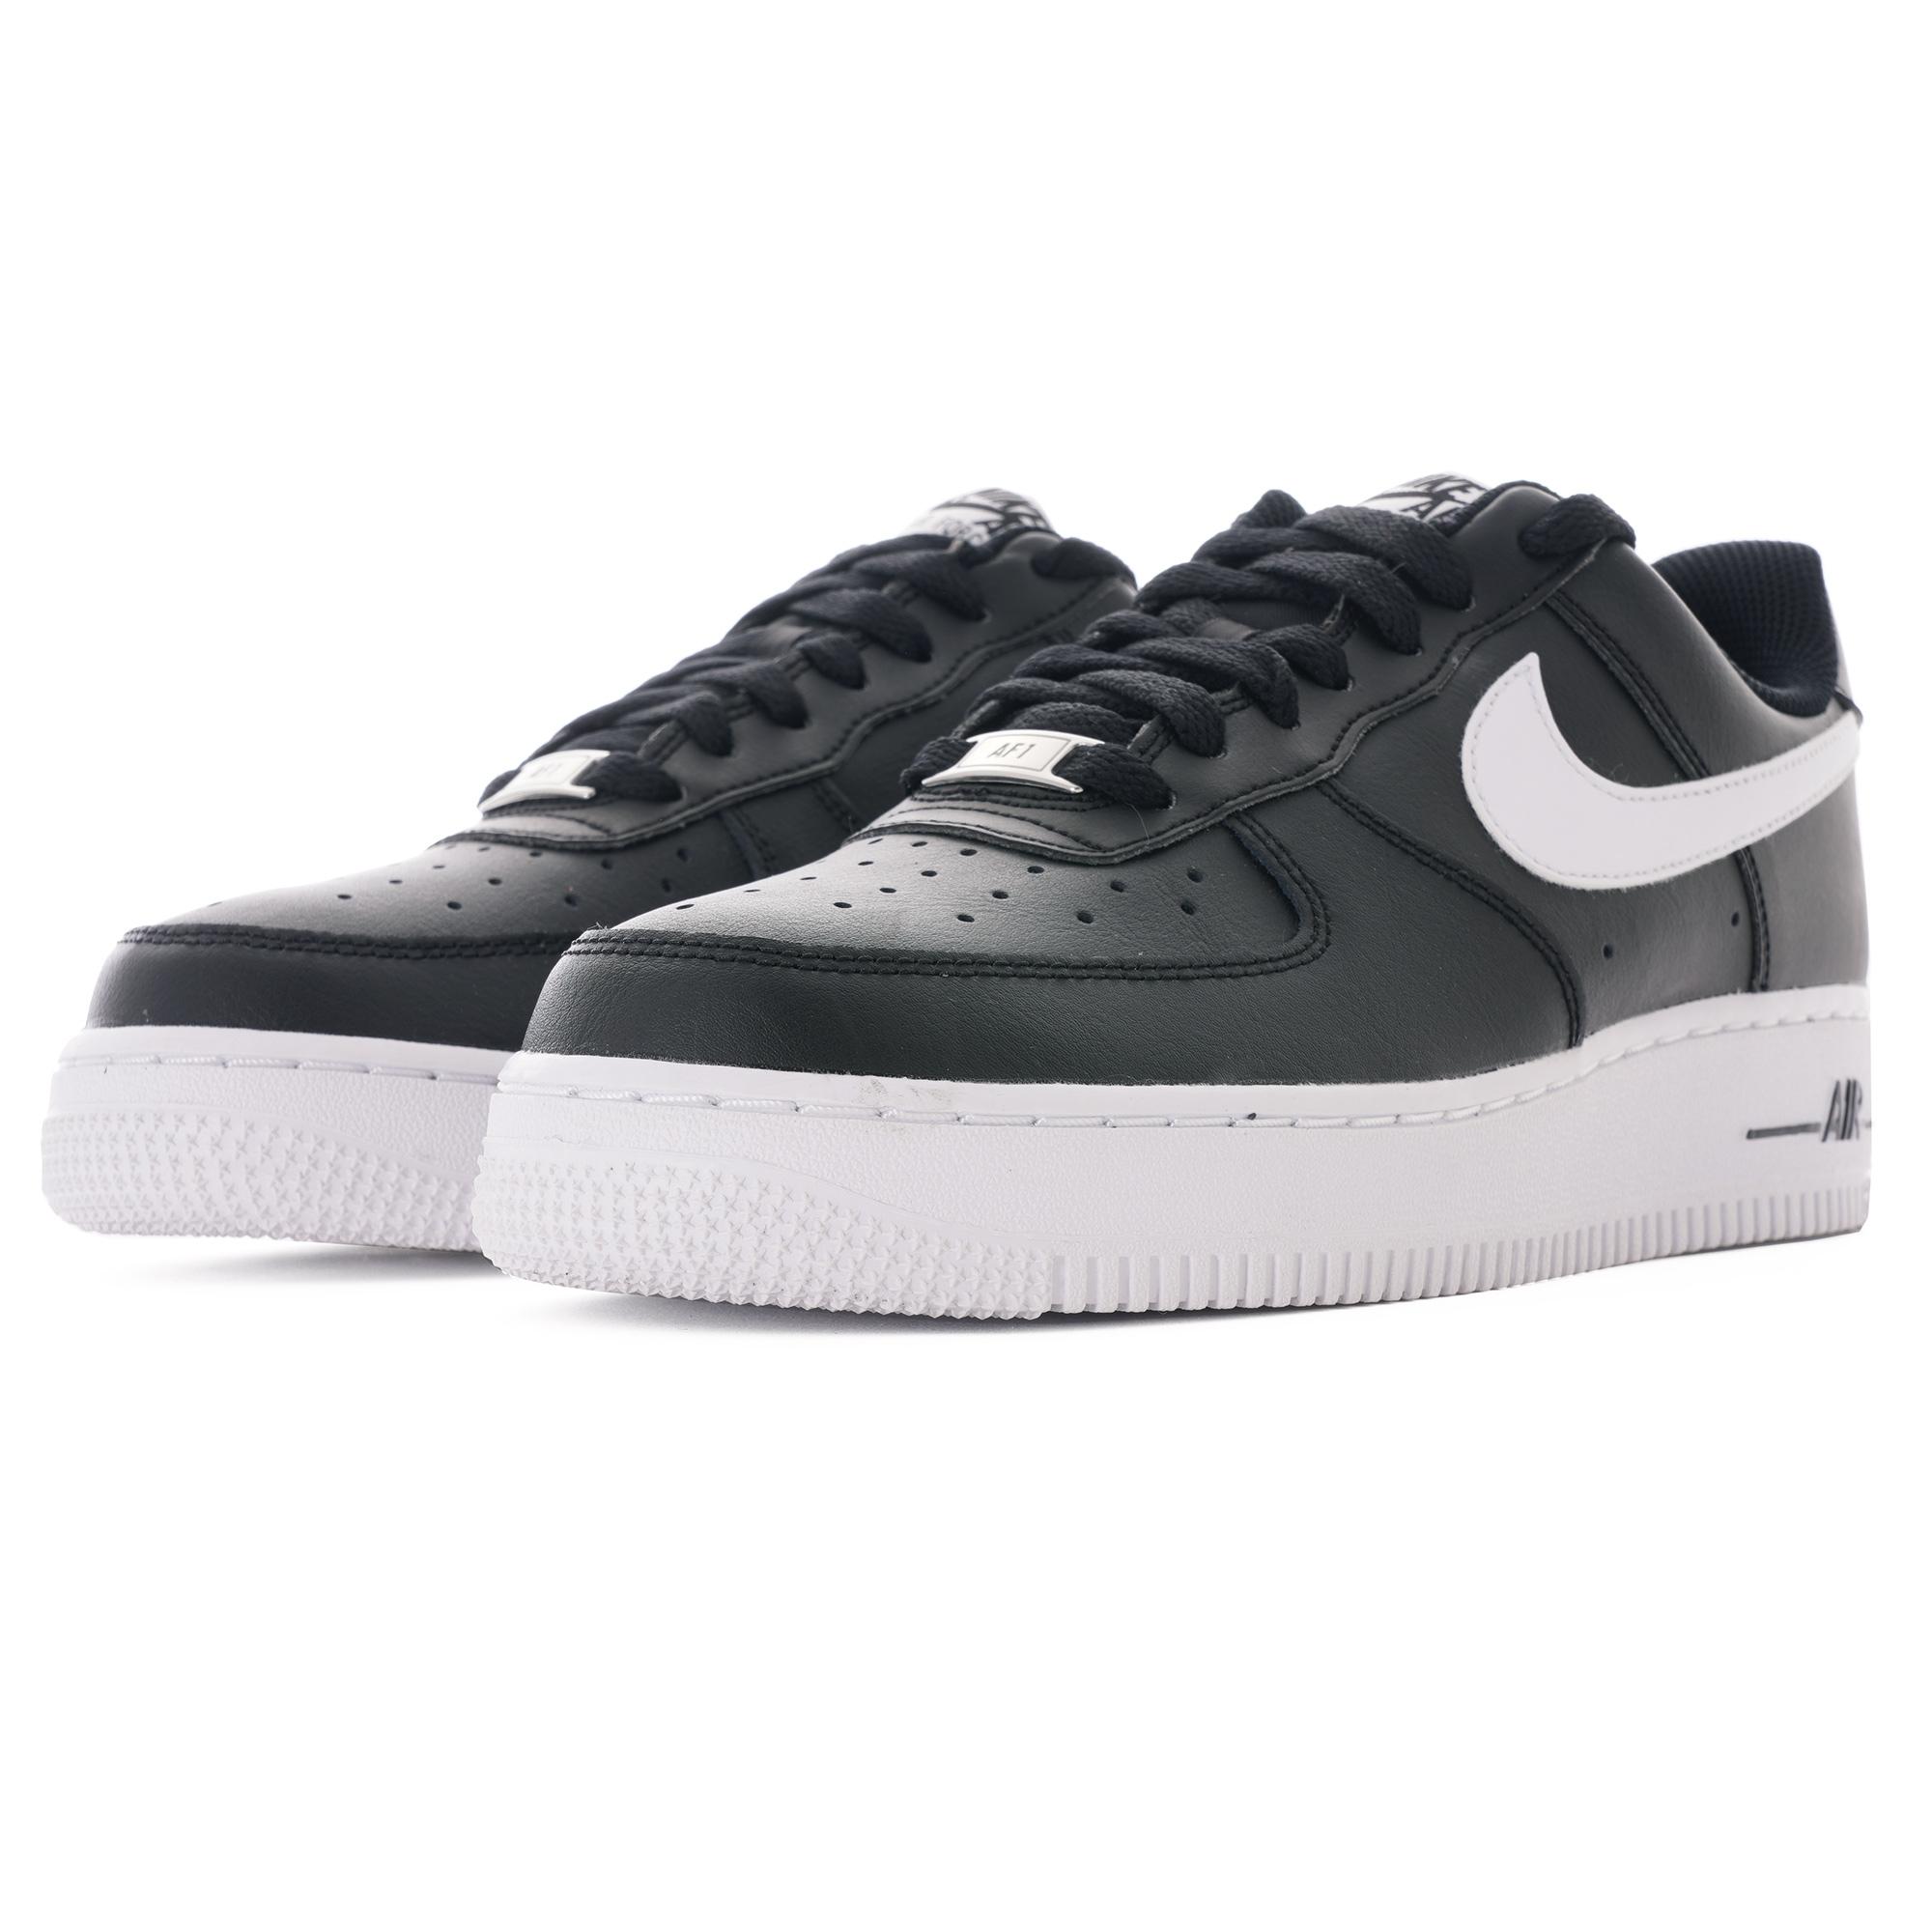 air force black white